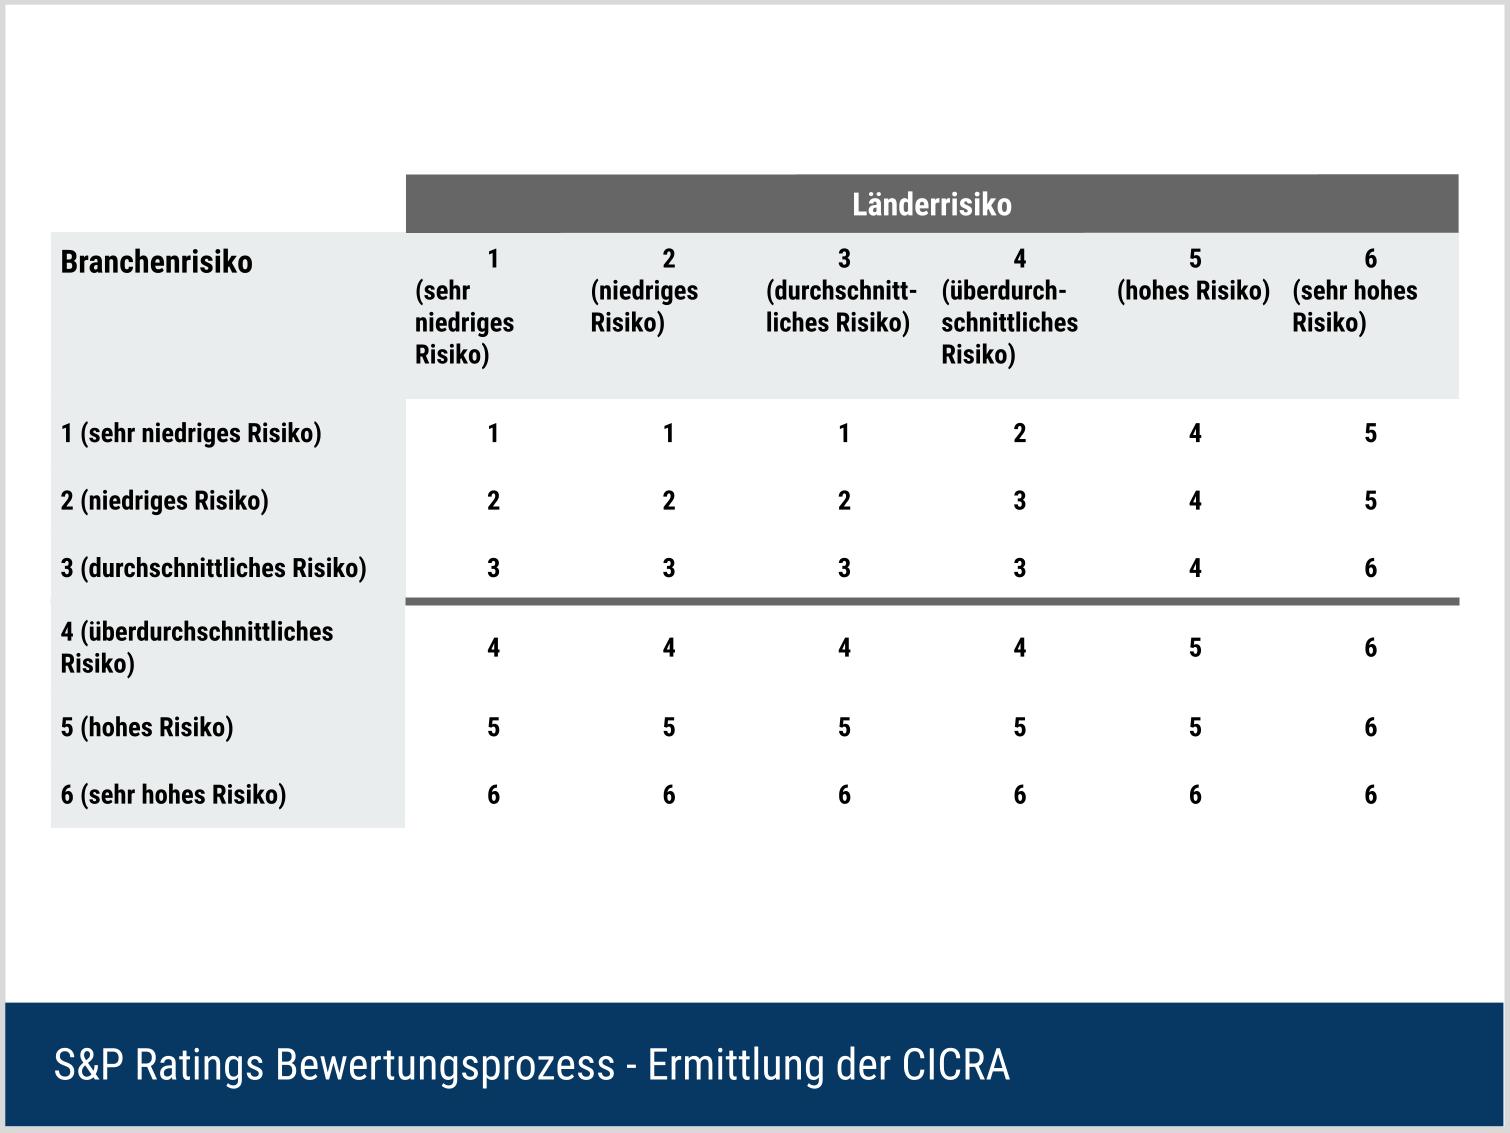 S&P Ratings Bewertungsverfahren - Ermittlung der CICRA